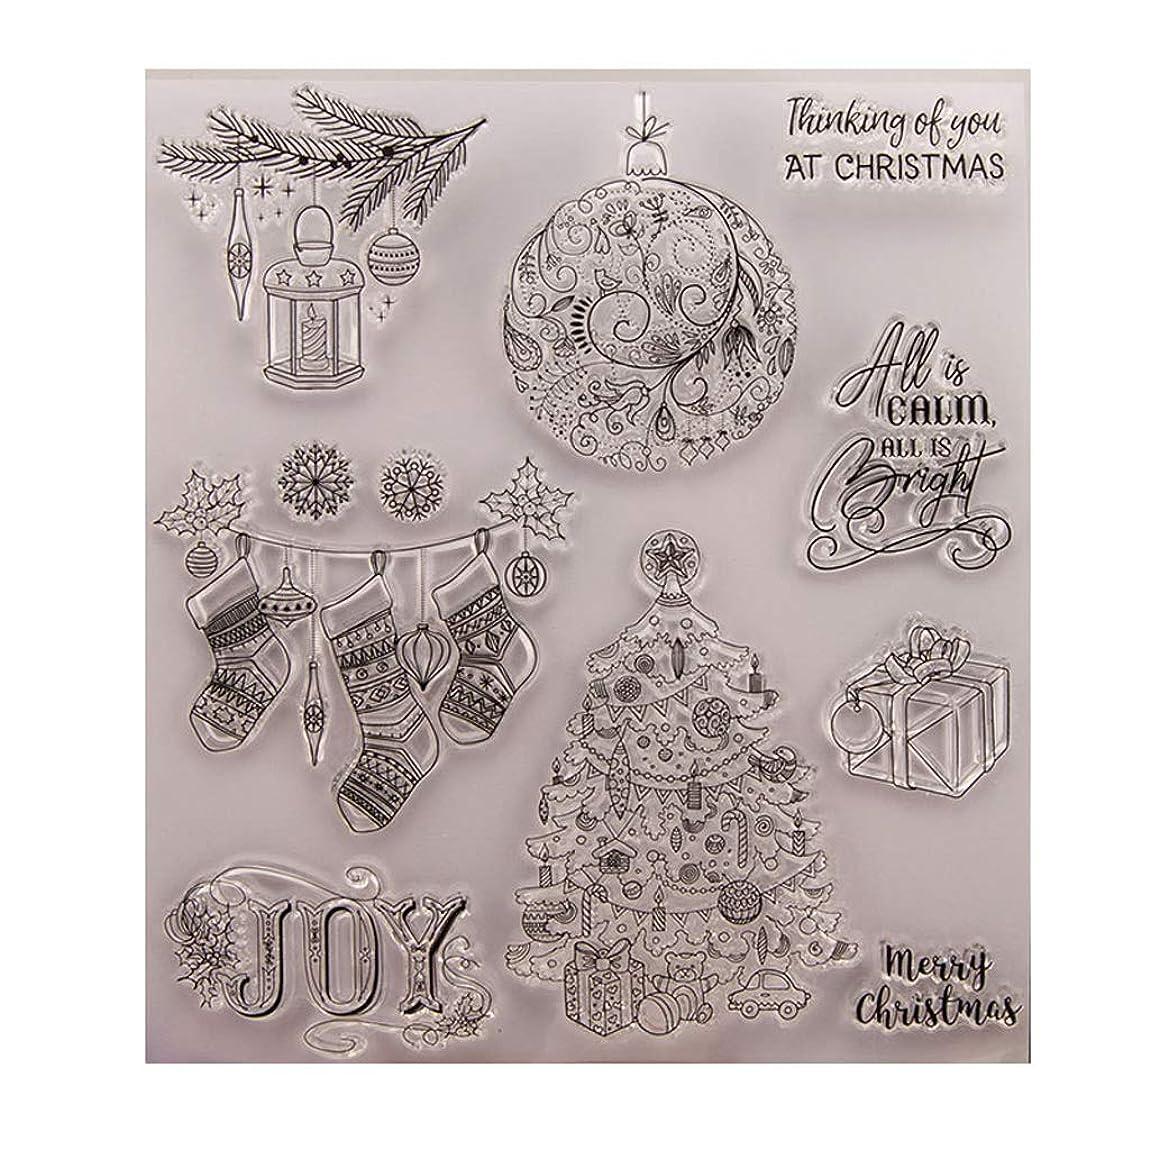 愛人レンディション塊Baoyouls クリスマスギフト、クリアスタンプ、透明クリエイティブバッジ画像ラバースタンプシールDIYアルバムクラフトスクラップブックデコレーション、カレンダー